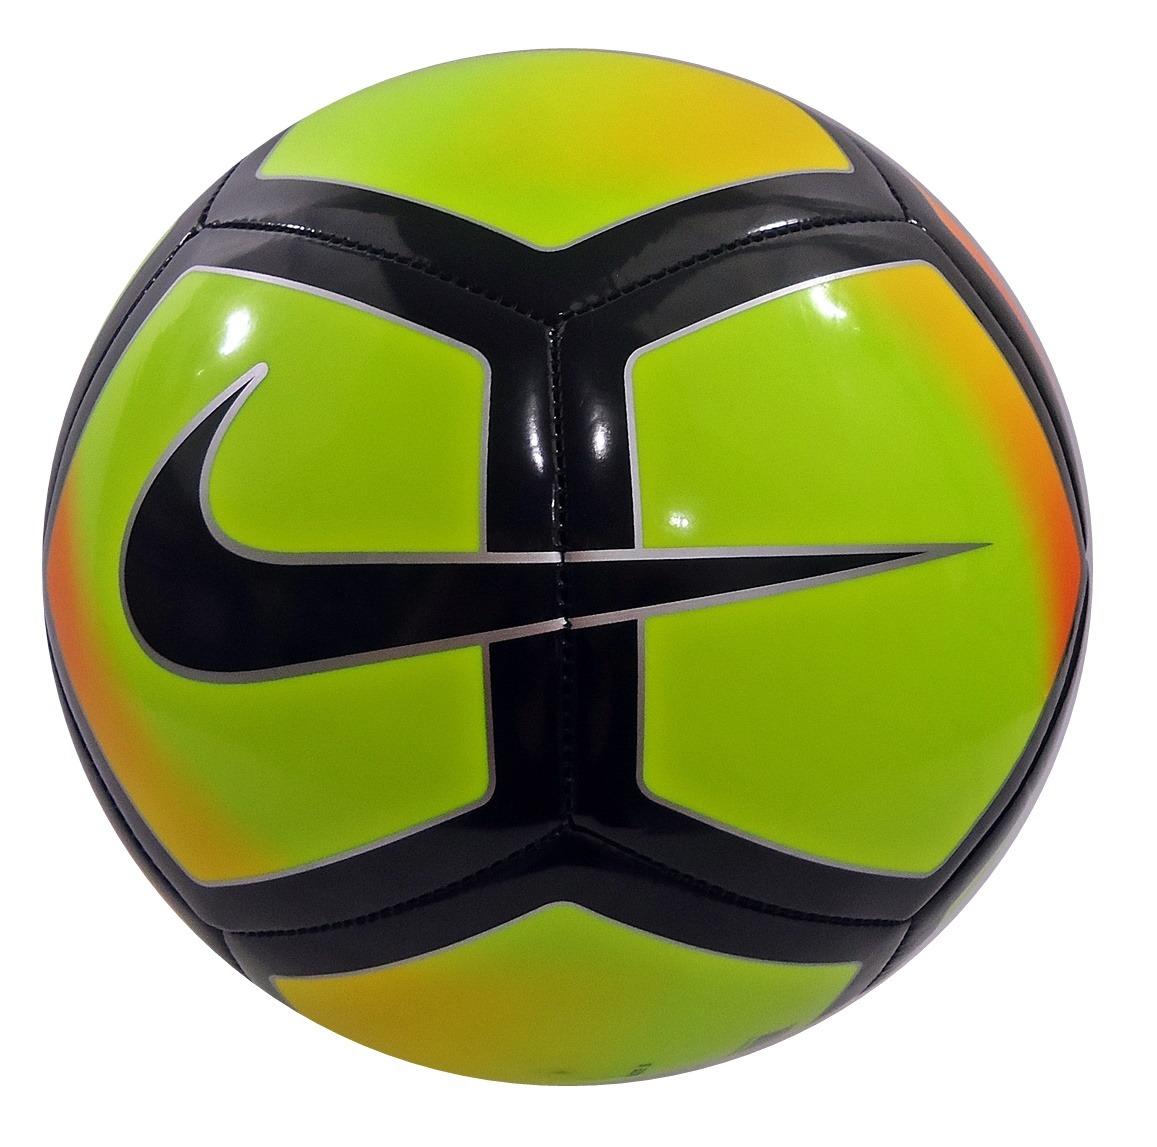 1bd5ffc3a6 bola campo nike strike pitch costurada amarela - original. Carregando zoom.